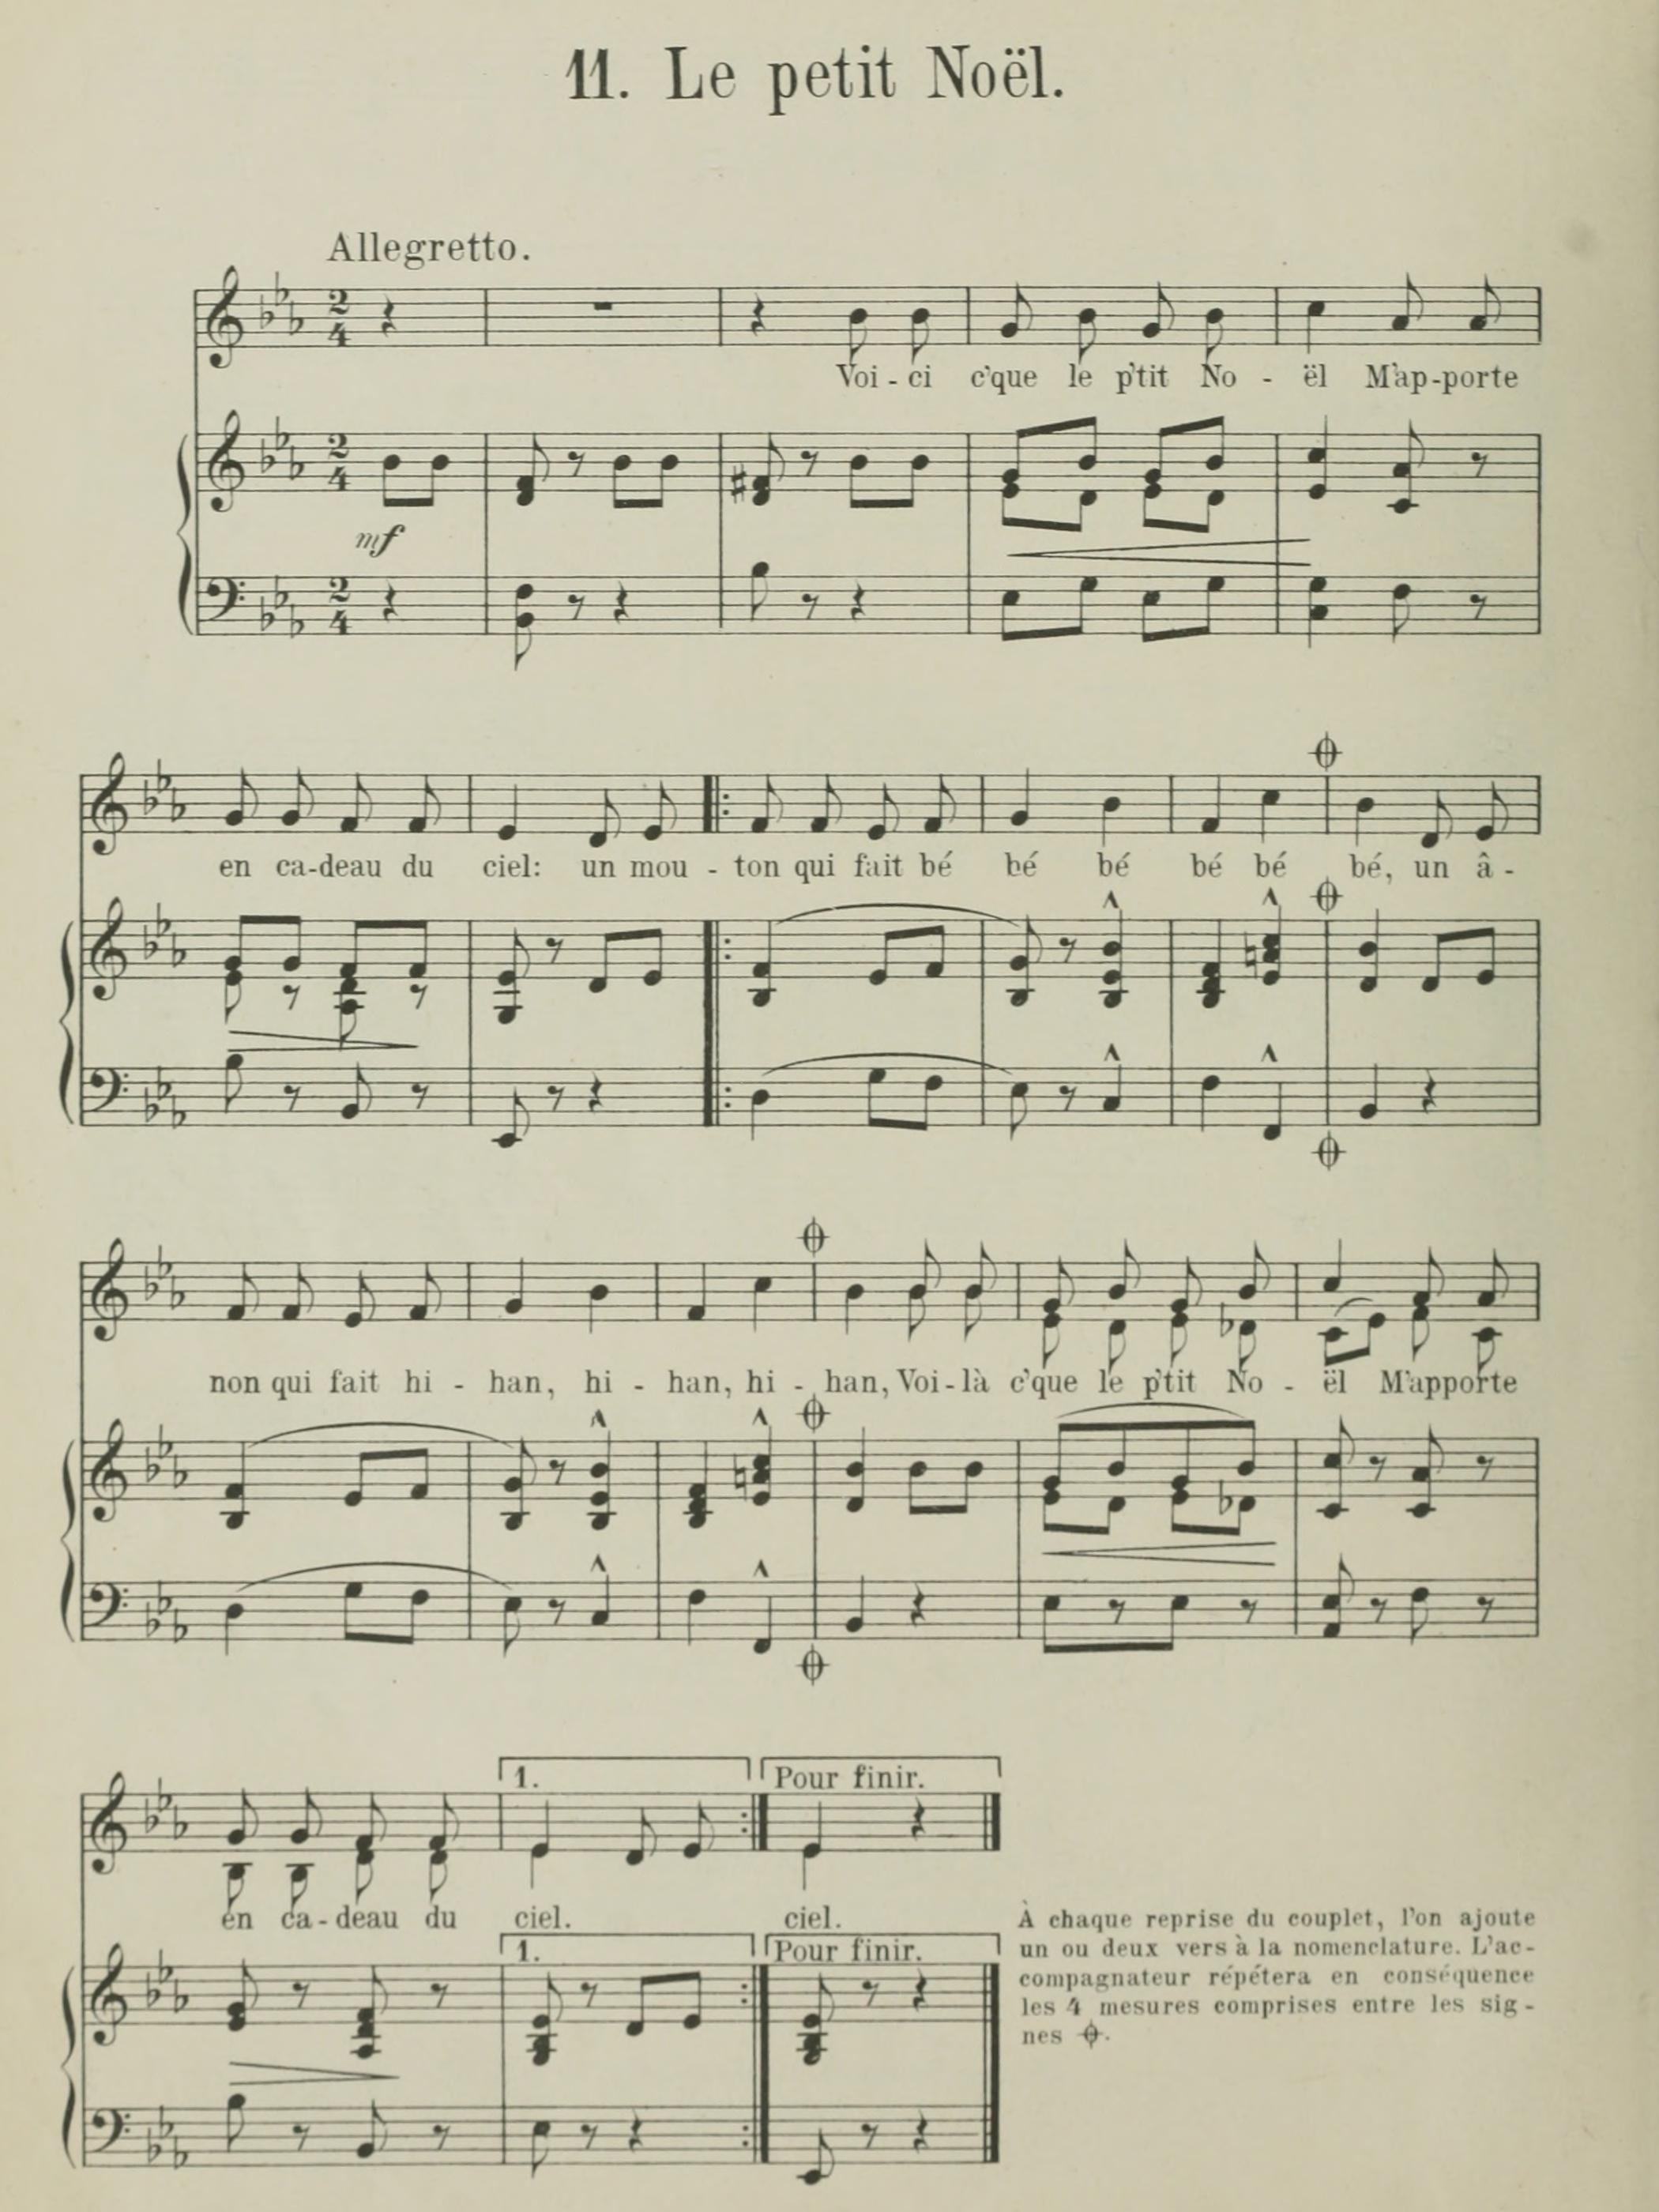 Extrait 1 de la partition publiée dans le recueil «Chansons populaires-romandes - Rondes et Enfantines», W.Sandoz, Neuchâtel